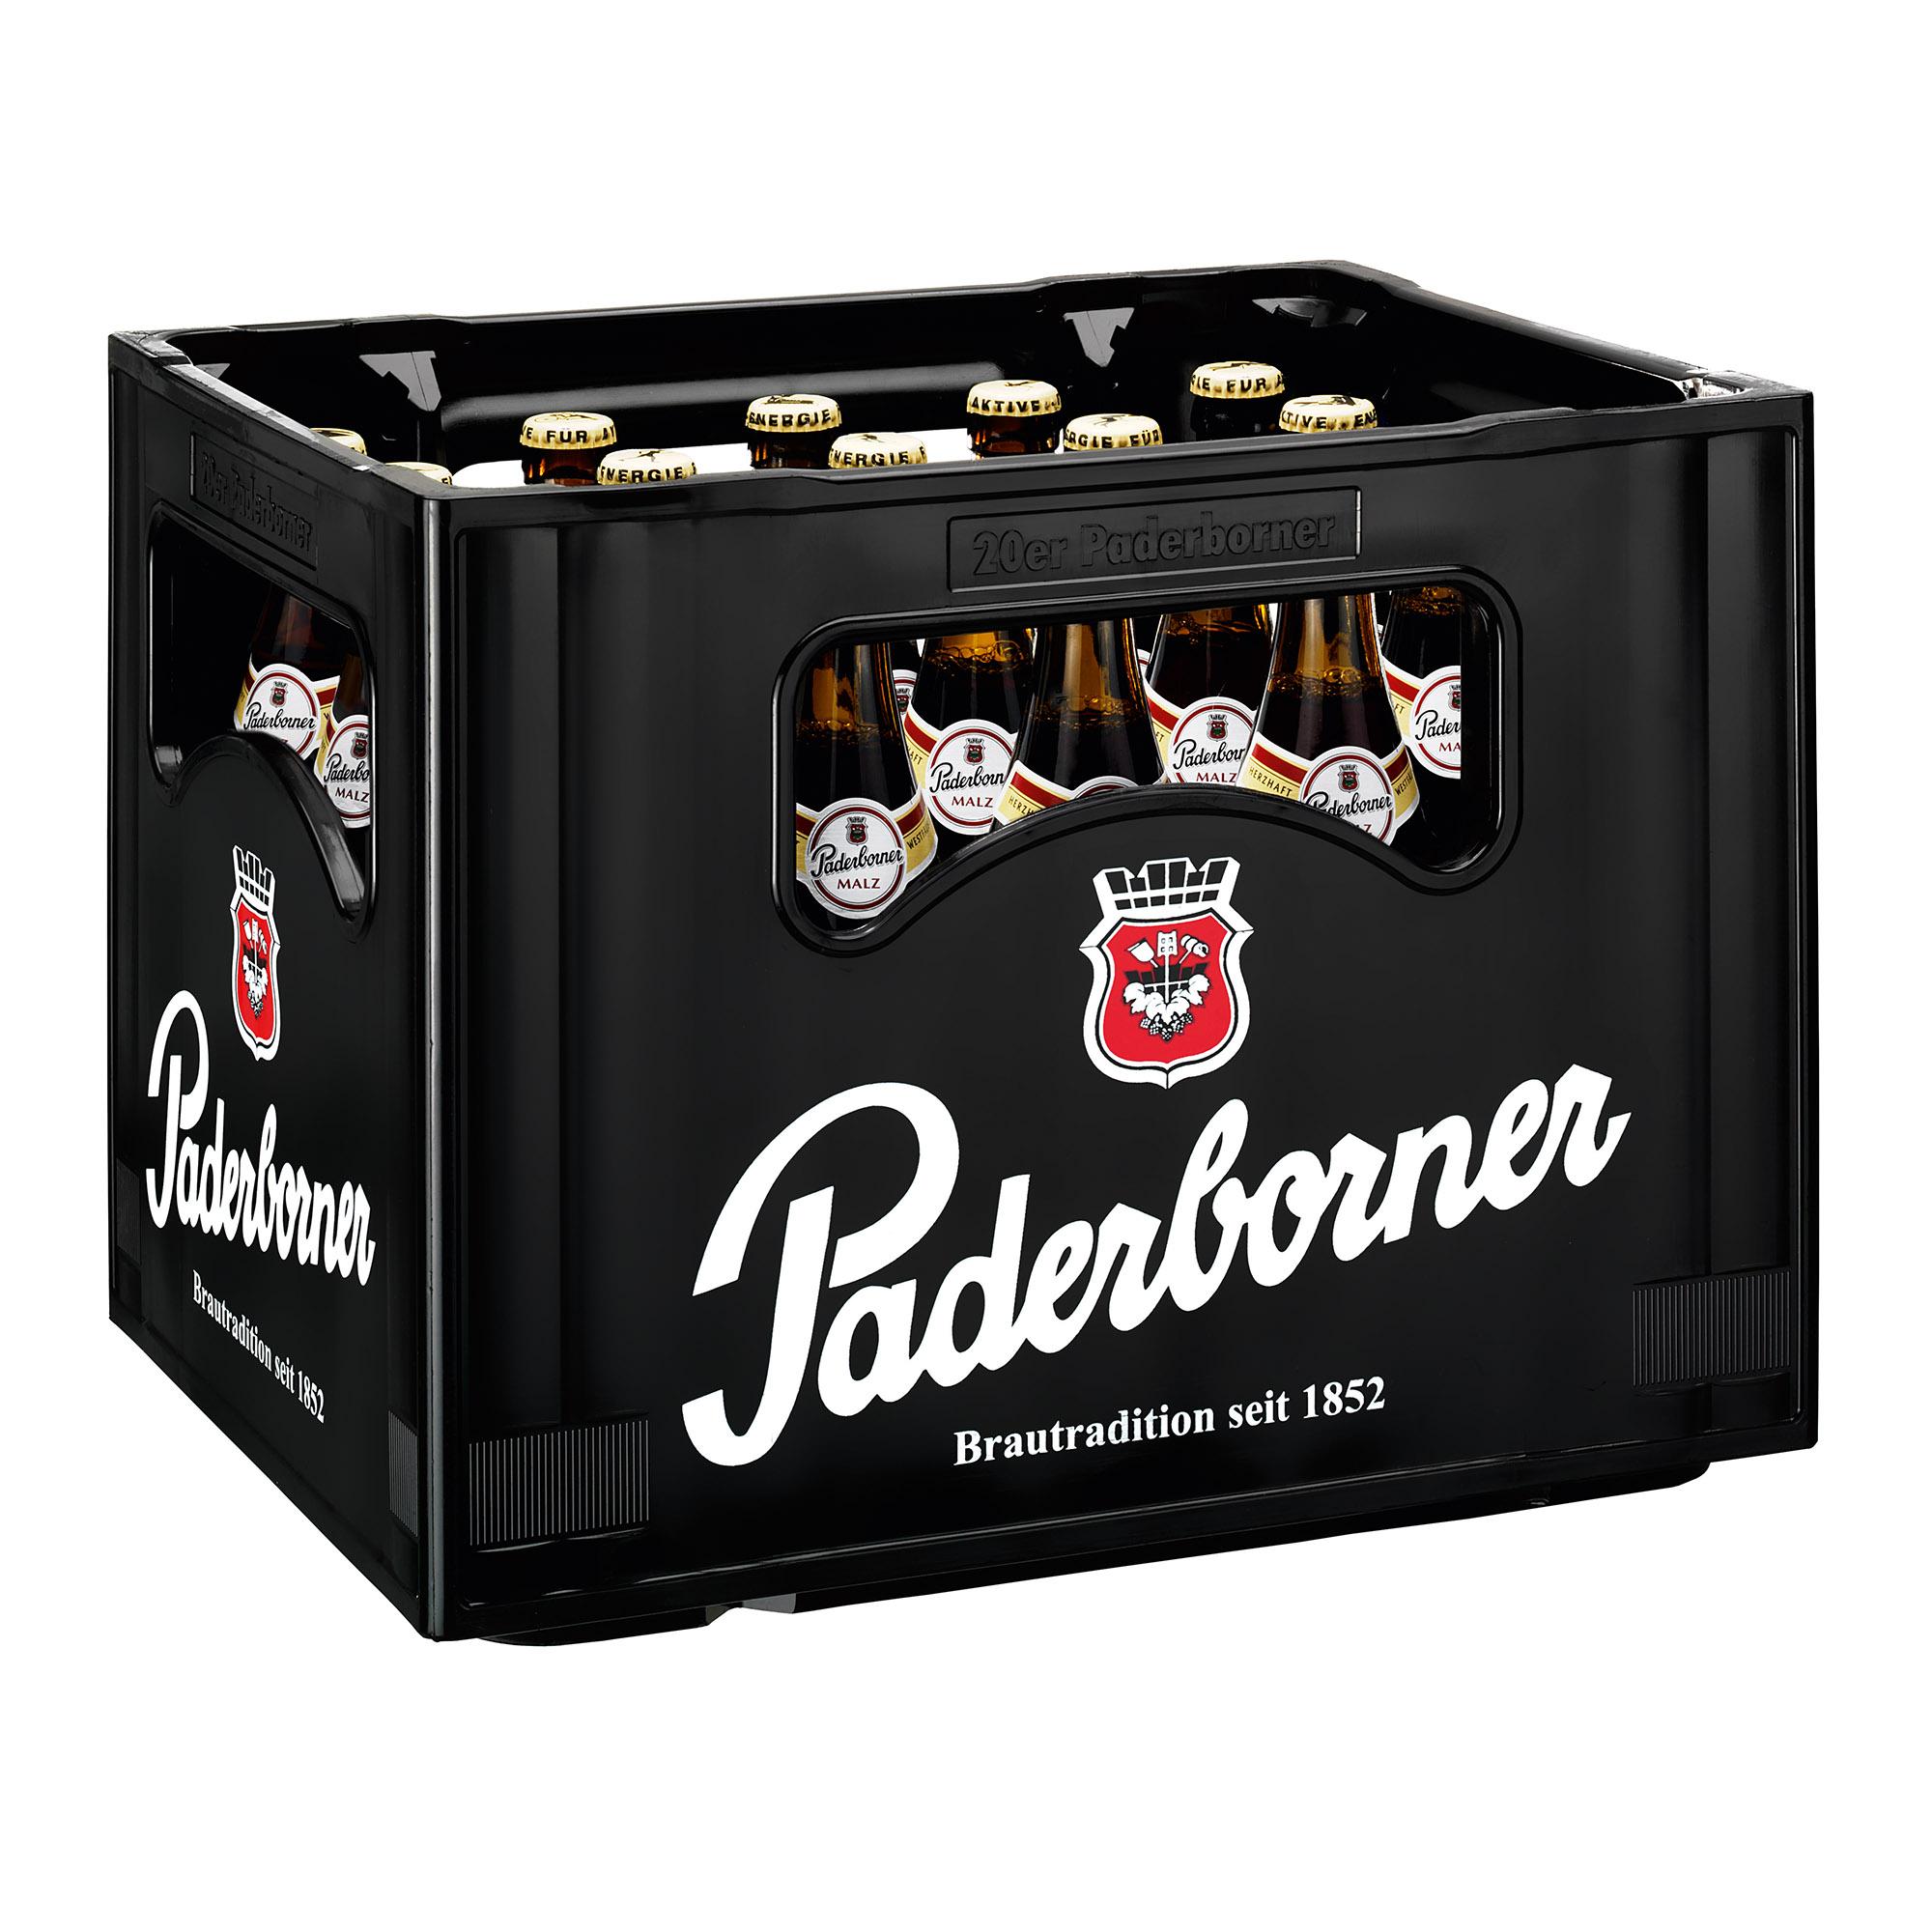 Produktabbildung Paderborner Malz Kasten 20 x 0,5 l